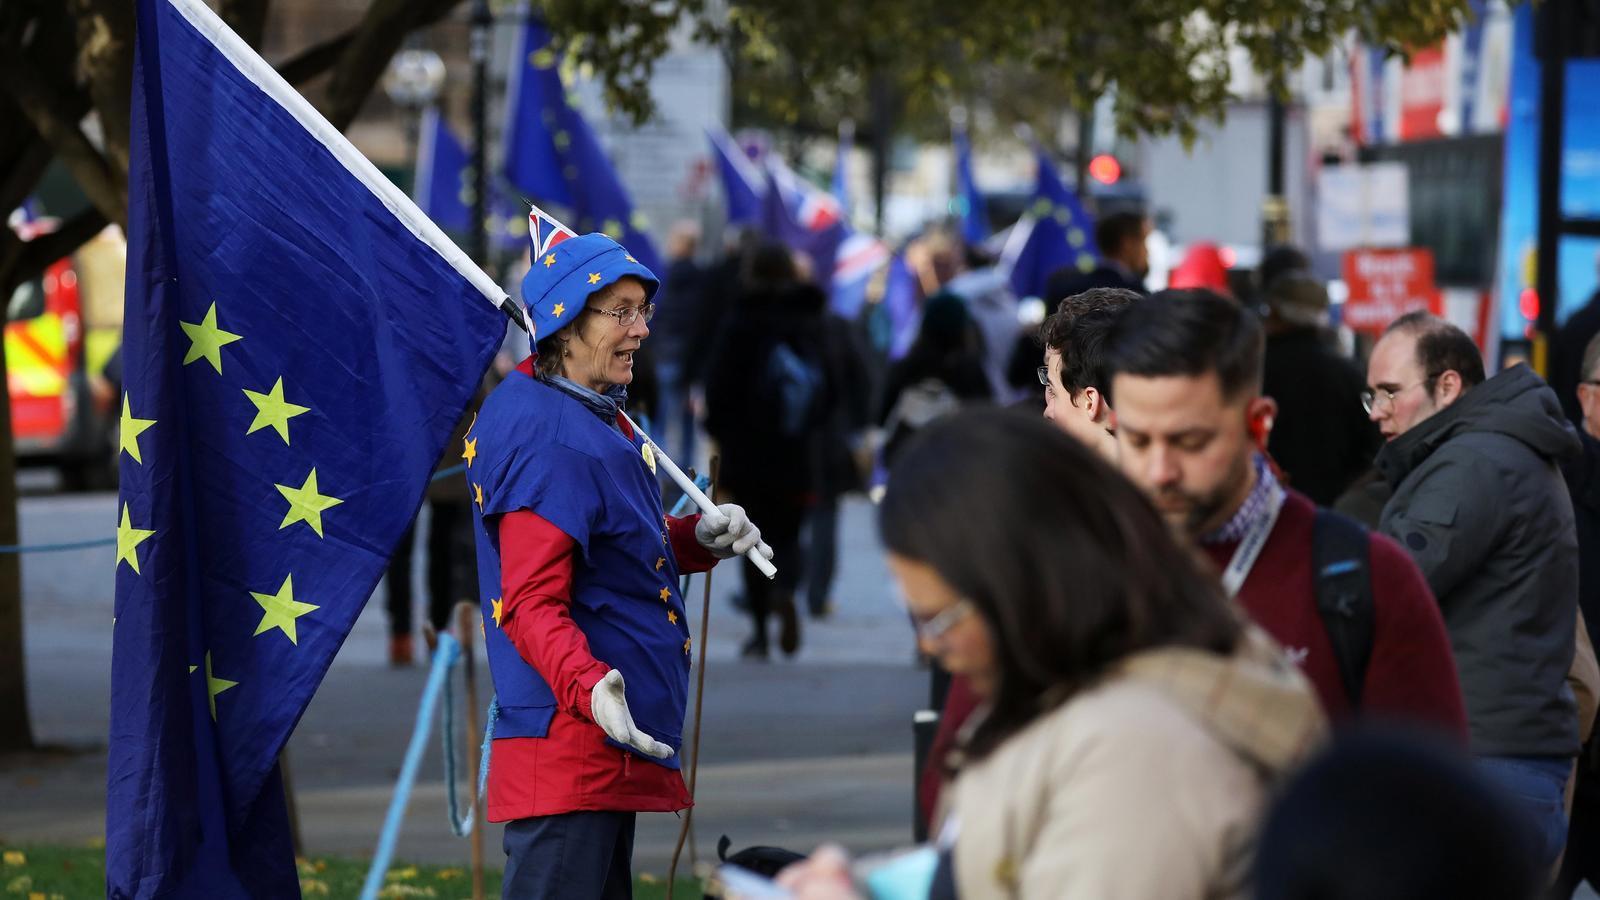 Una dona contrària al Brexit es manifesta davant de les Cases del Parlament de Londres amb una bandera europea